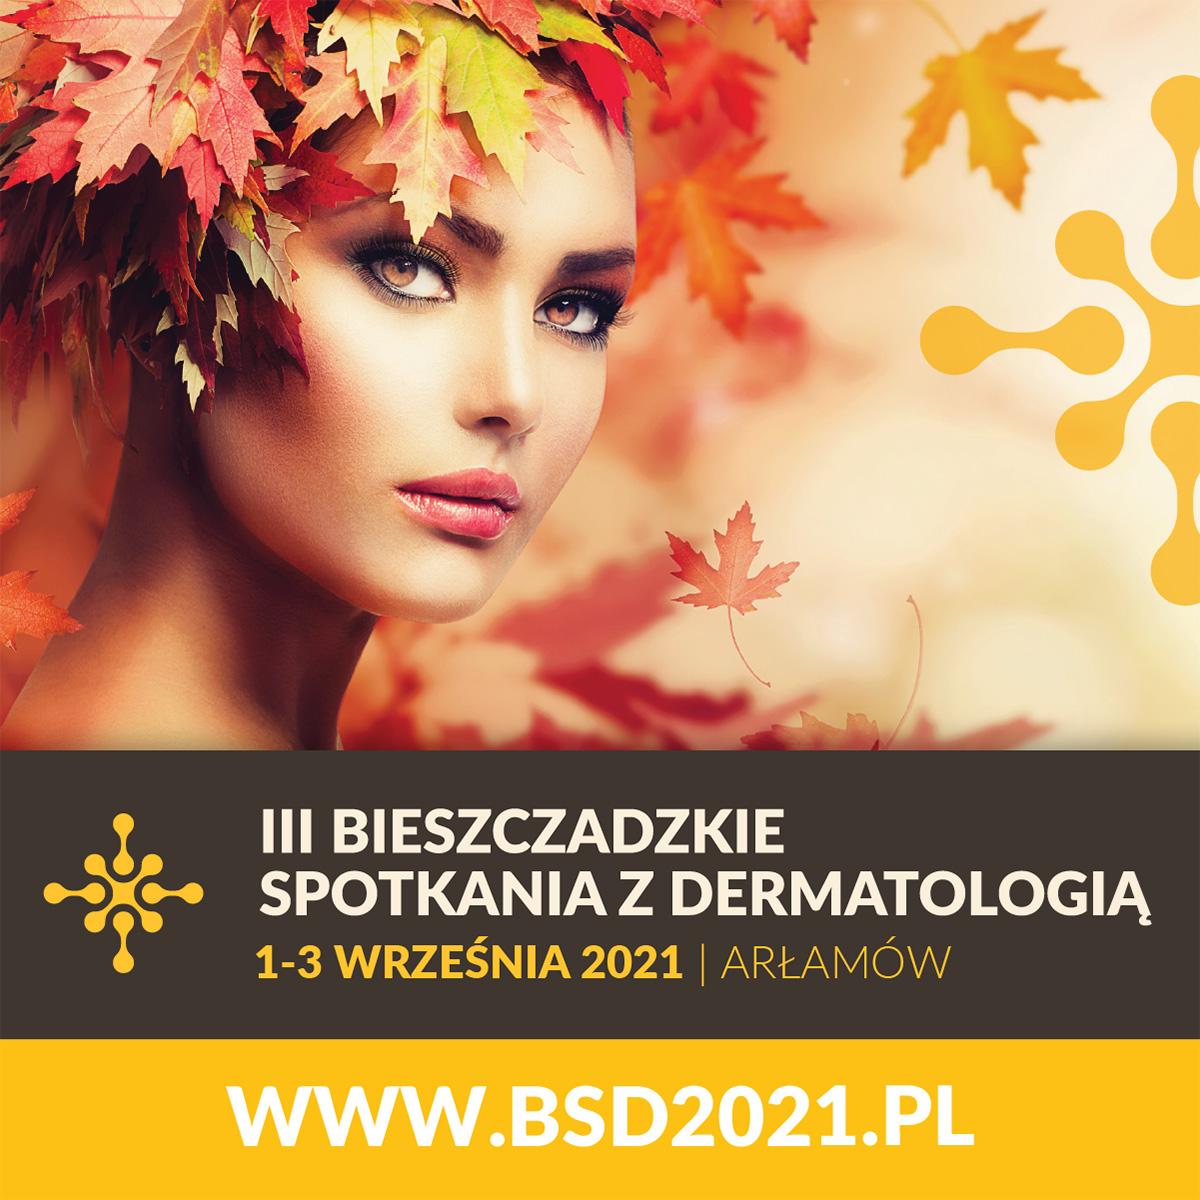 III Bieszczadzkie Spotkanie z Dermatologią | 1-3 września 2021